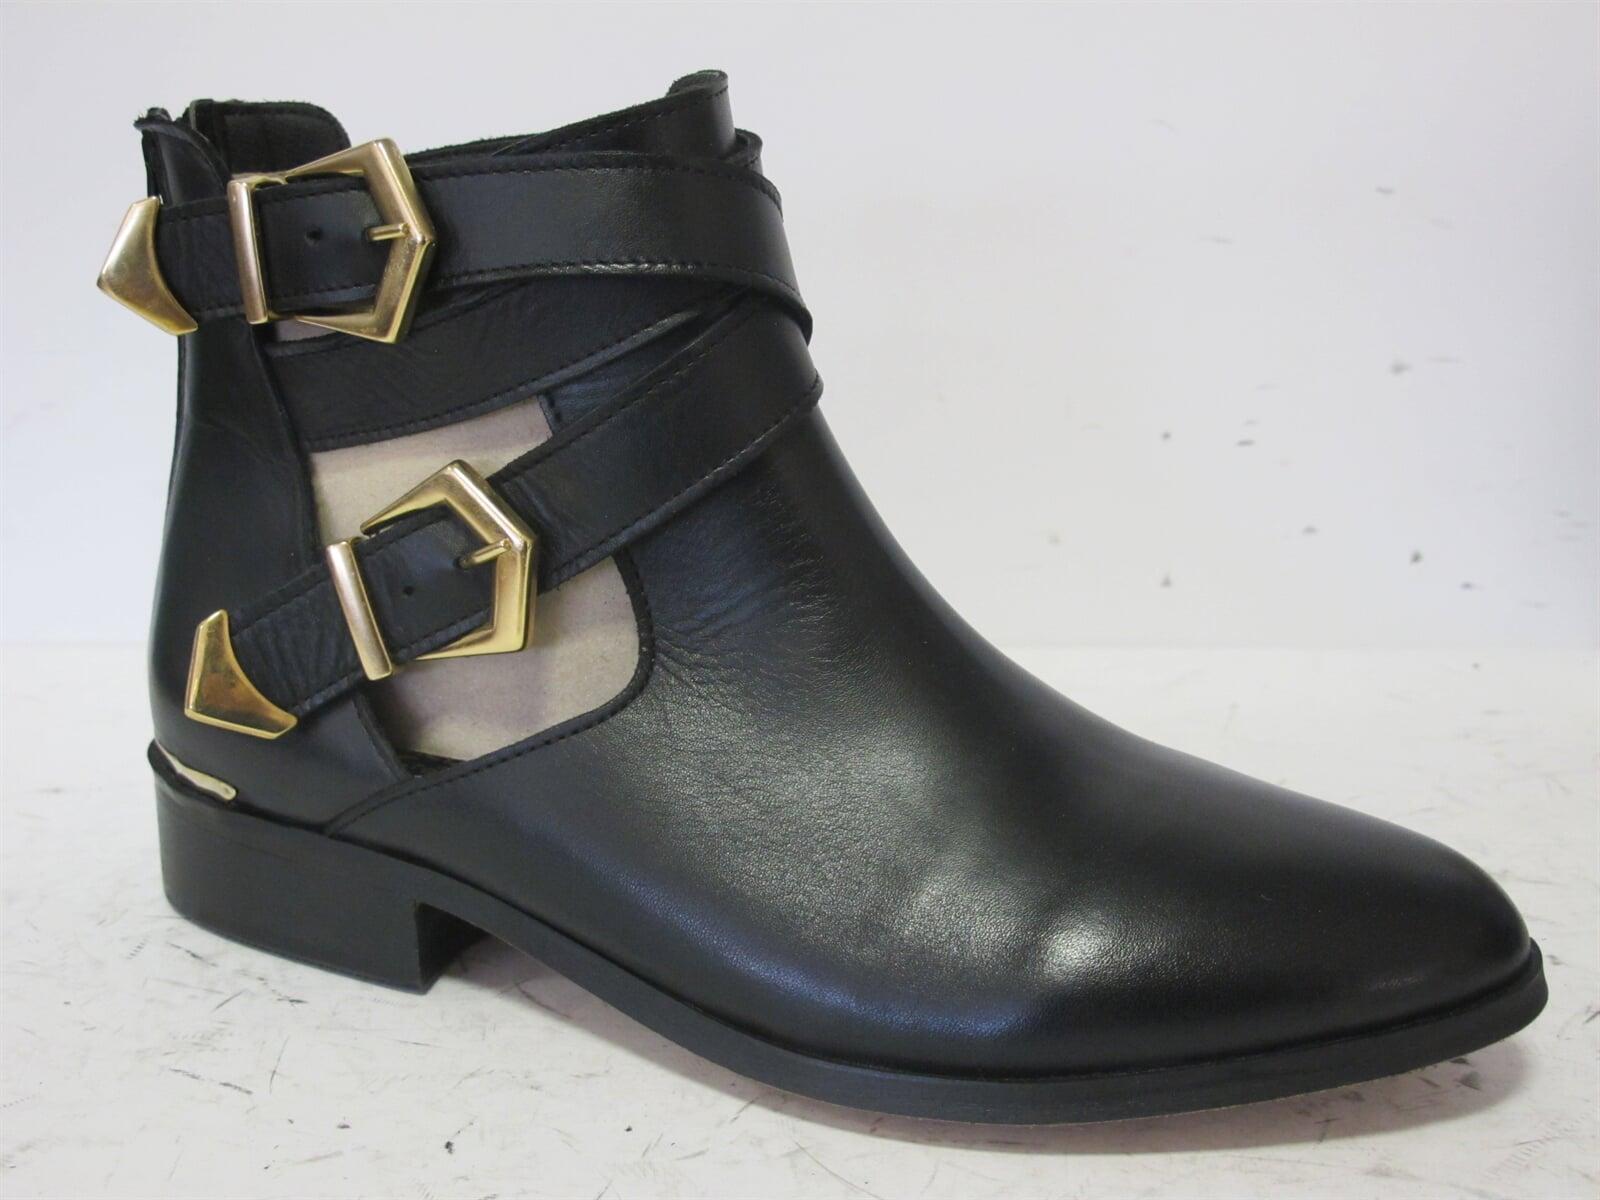 Fabricantes de Calçado - Joaquim Ferreira Pinto